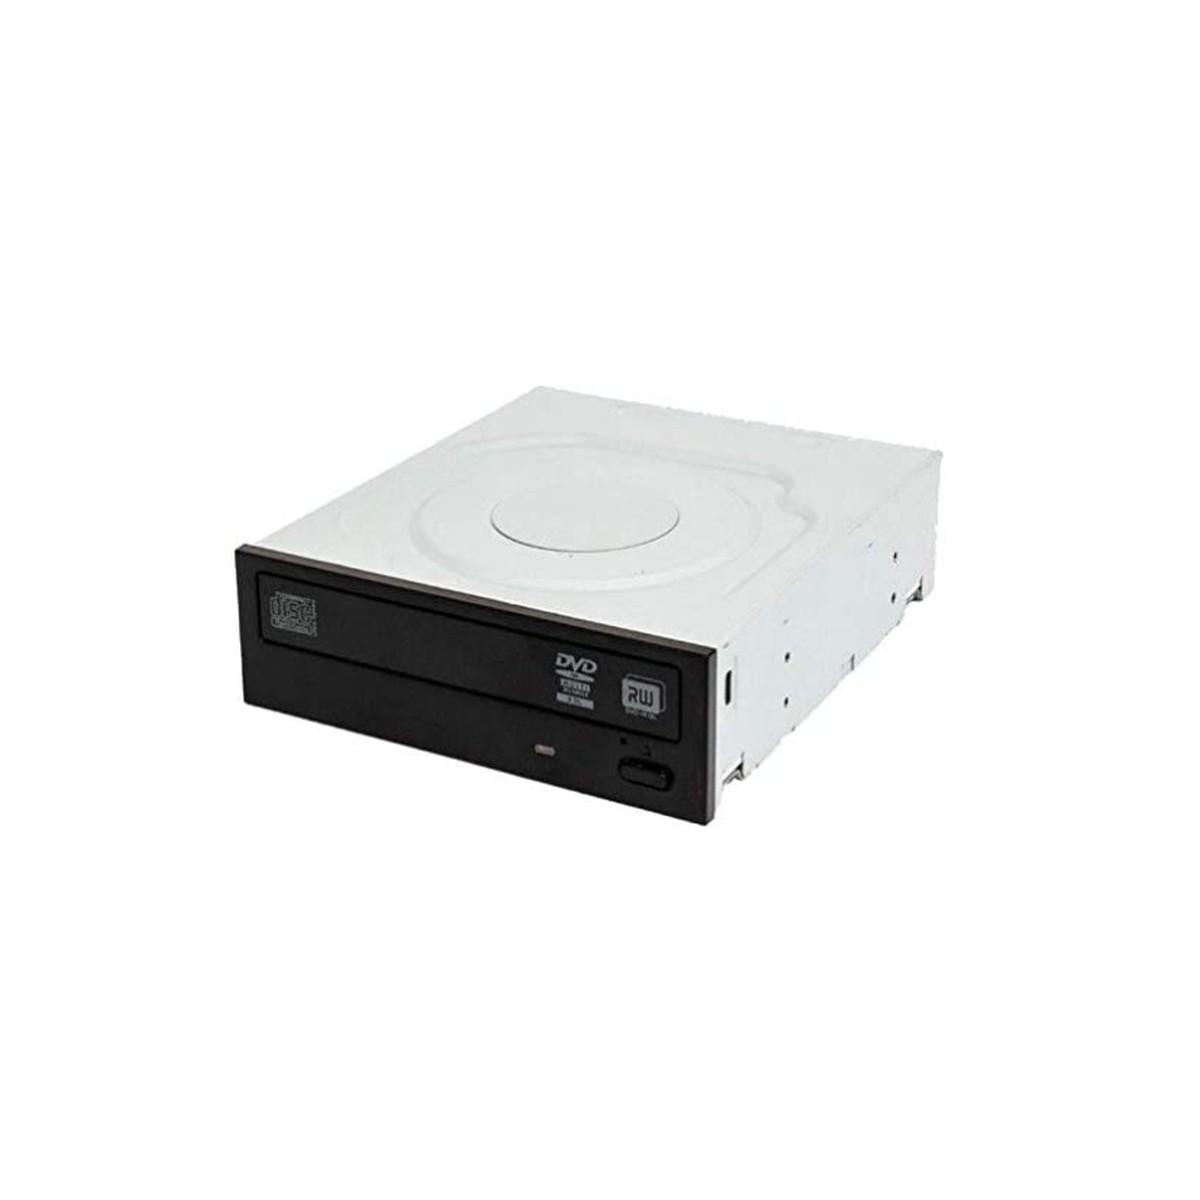 NAPED HP DVD-RW SATA MULTI RECORDER 575781-501